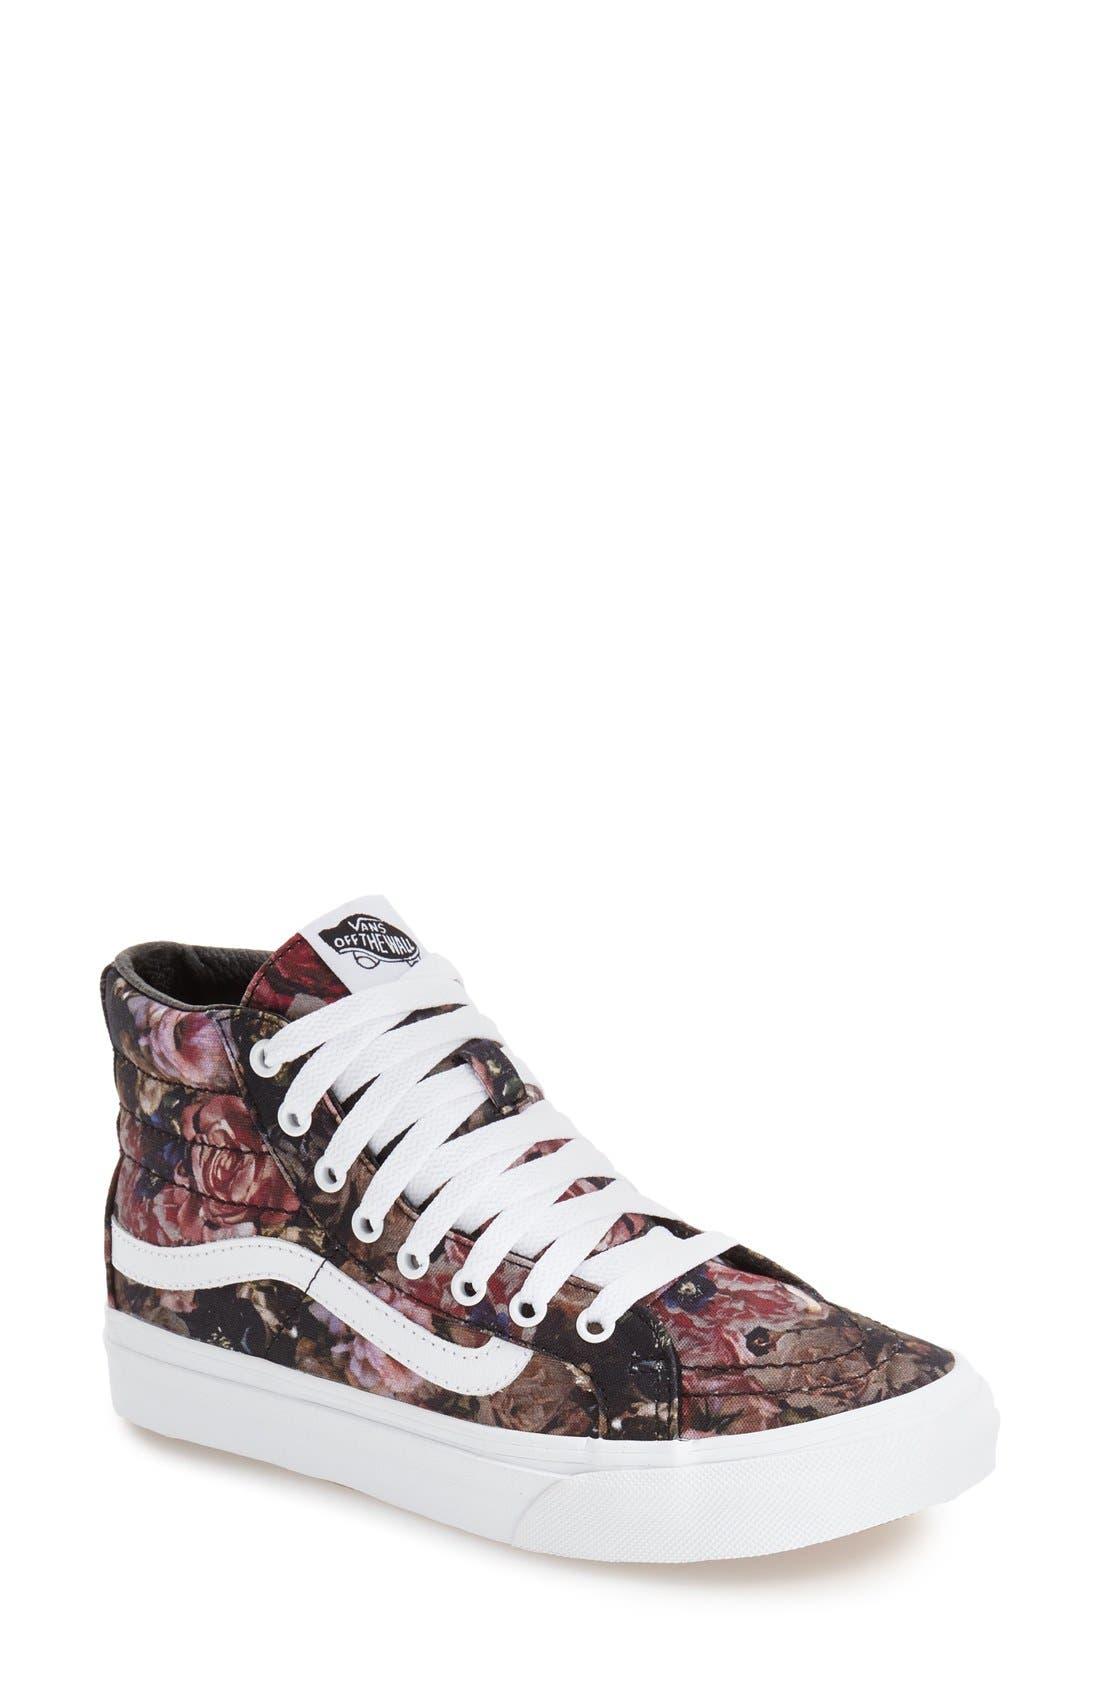 VANS Sk-8 Hi Slim Sneaker, Main, color, 001